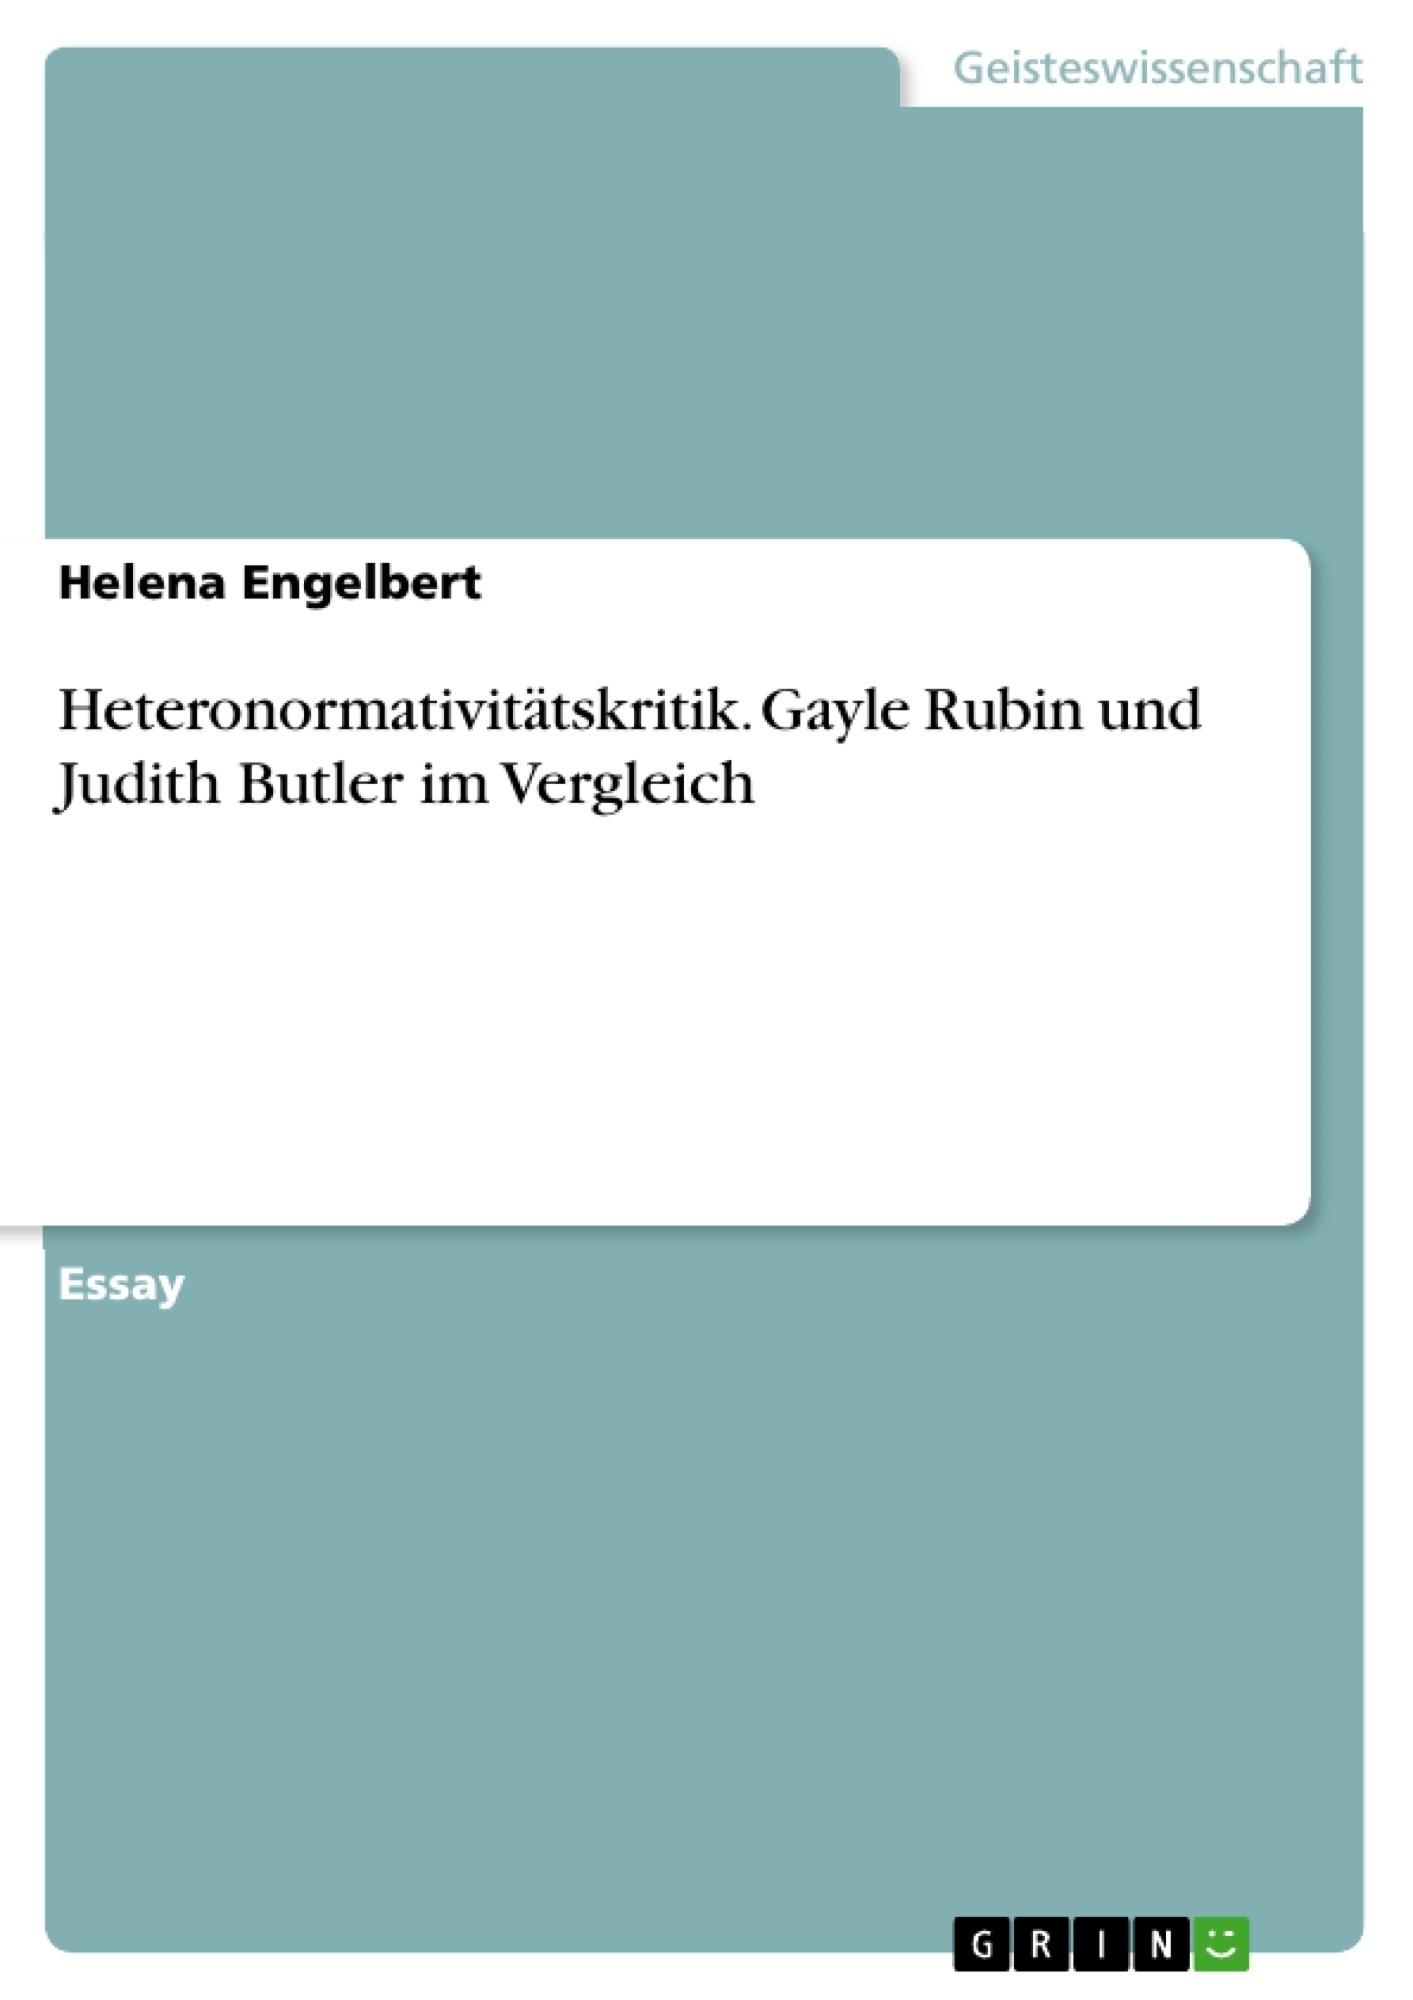 Titel: Heteronormativitätskritik. Gayle Rubin und Judith Butler im Vergleich